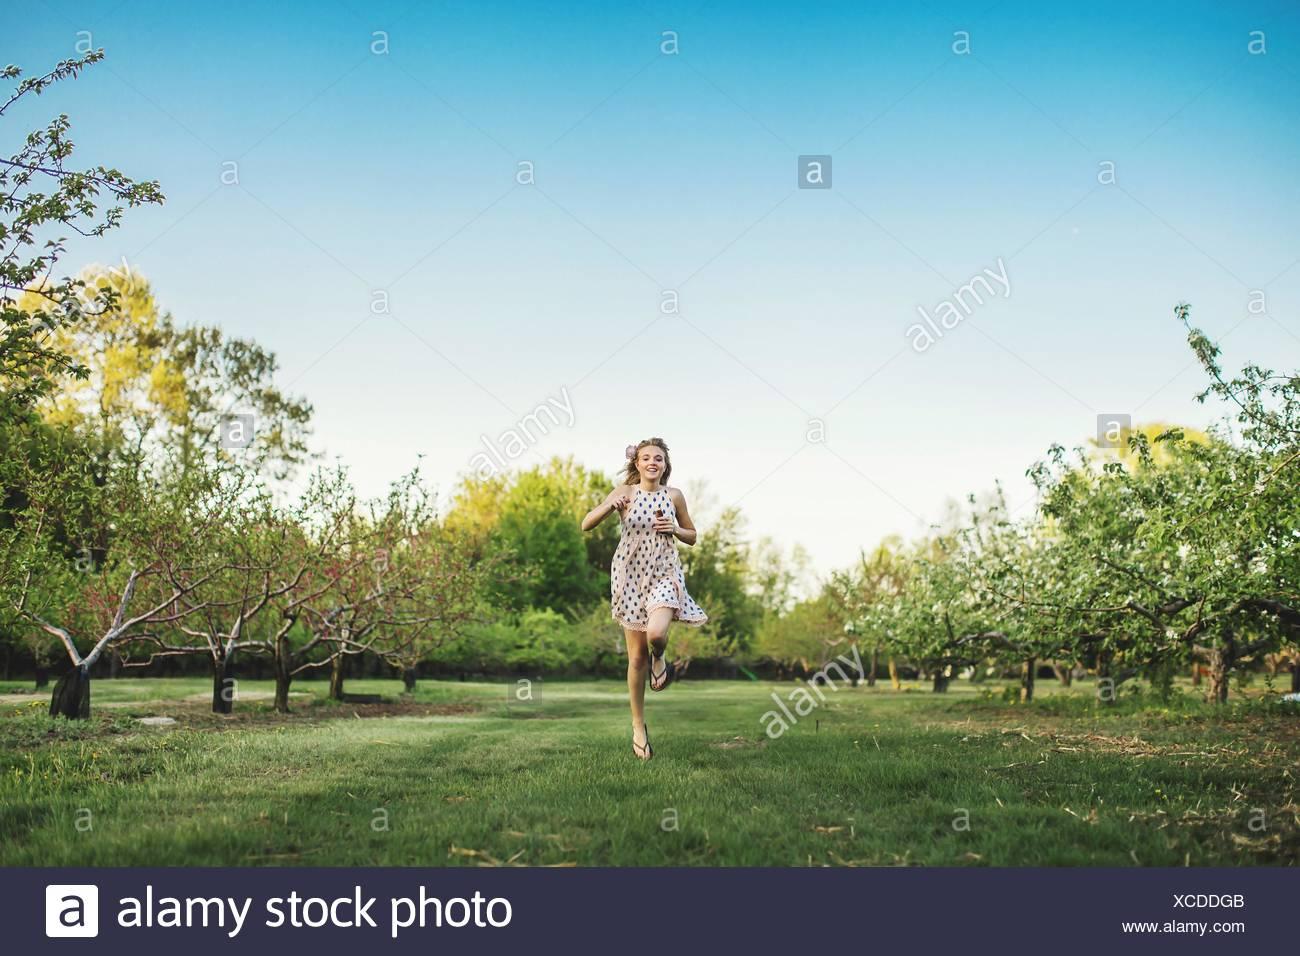 Vista frontal de la longitud completa de la joven mujer vistiendo camisetas sin mangas vestido corriendo a través de la huerta, mirando a la cámara sonriendo Imagen De Stock